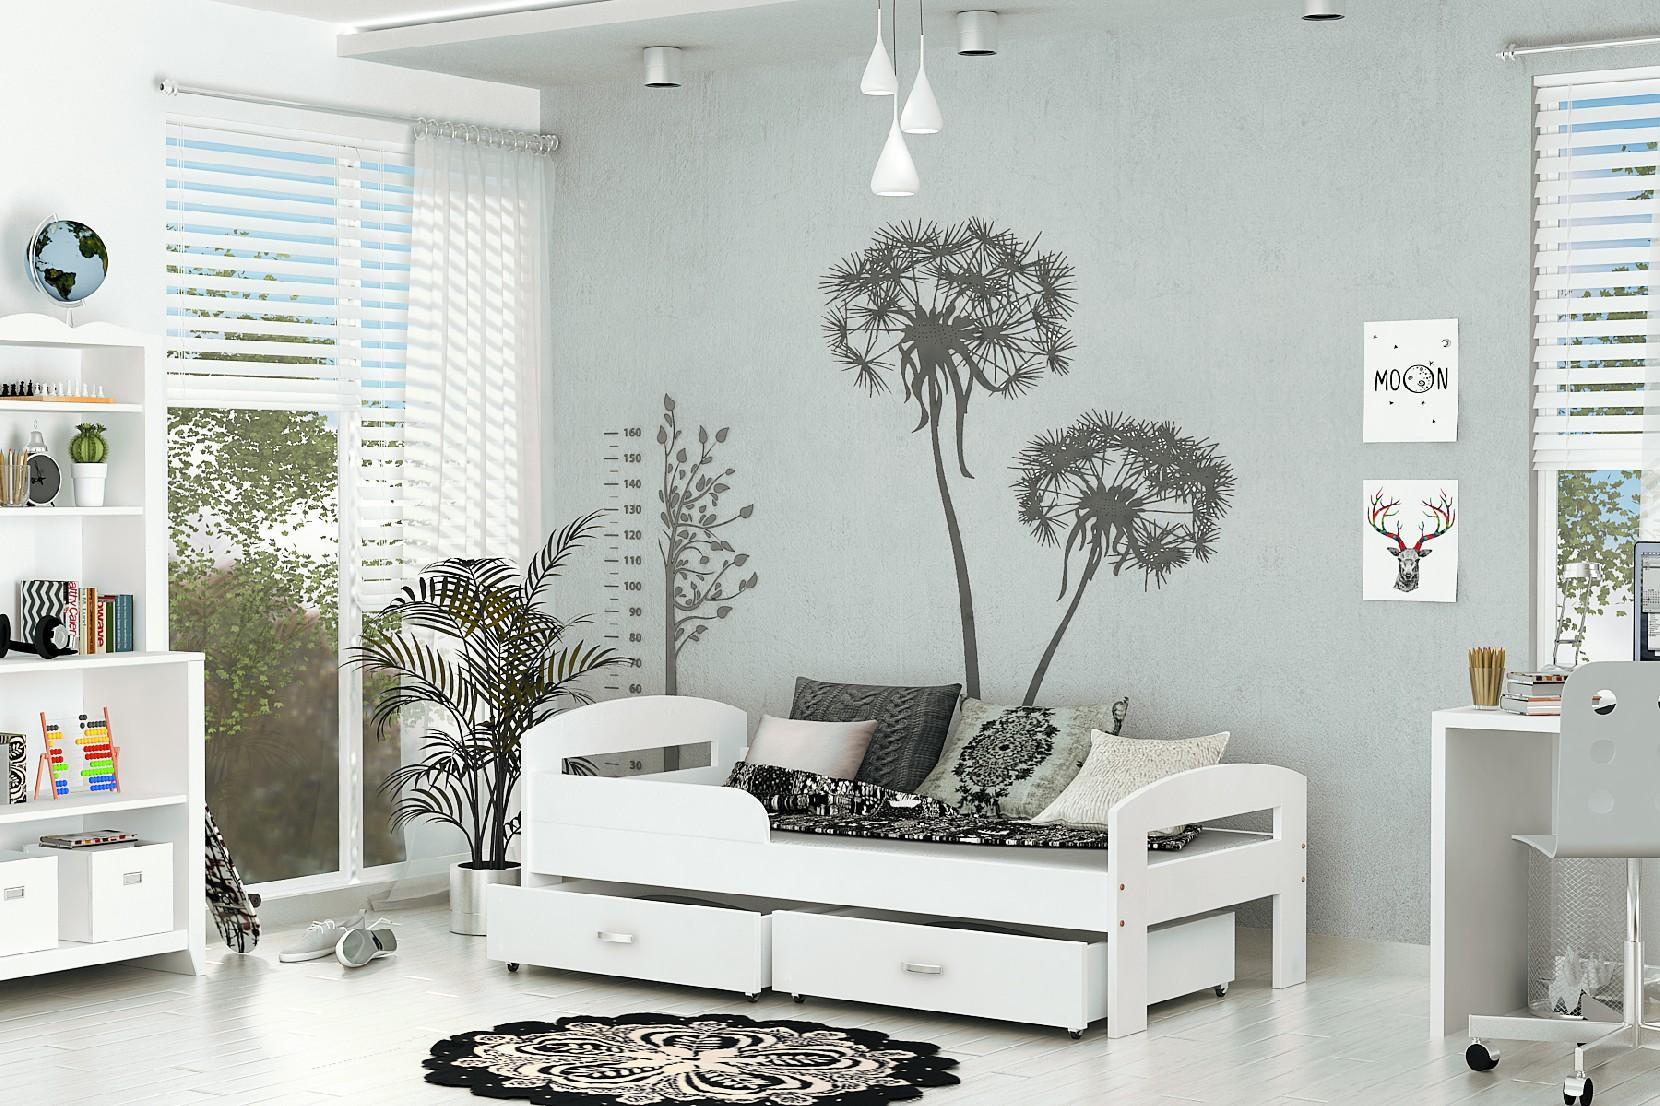 ArtAJ Detská posteľ GRZES 160x80 farebné prevedenie: biela bez matraca